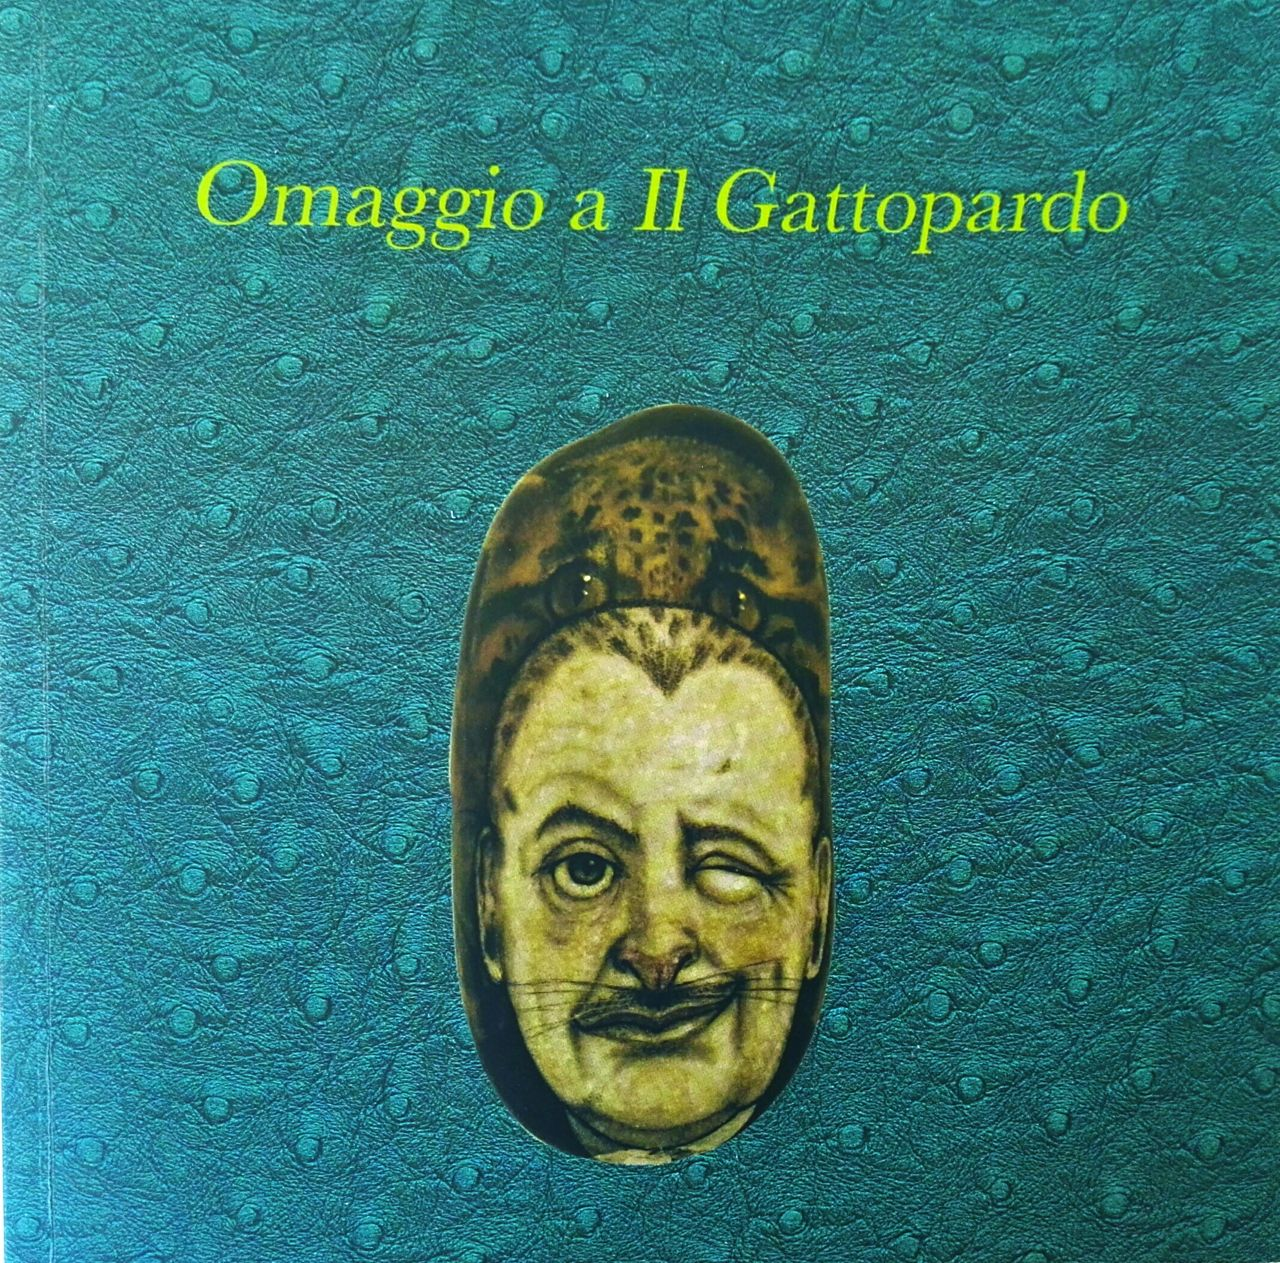 """Il """"Gattopardo"""" che ci salva – In occasione di """"Omaggio a Il Gattopardo"""" (Palermo, Palazzo Sant'Elia, 12 – 22 maggio 2018 nell'ambito della VII Settimana delle Culture )"""